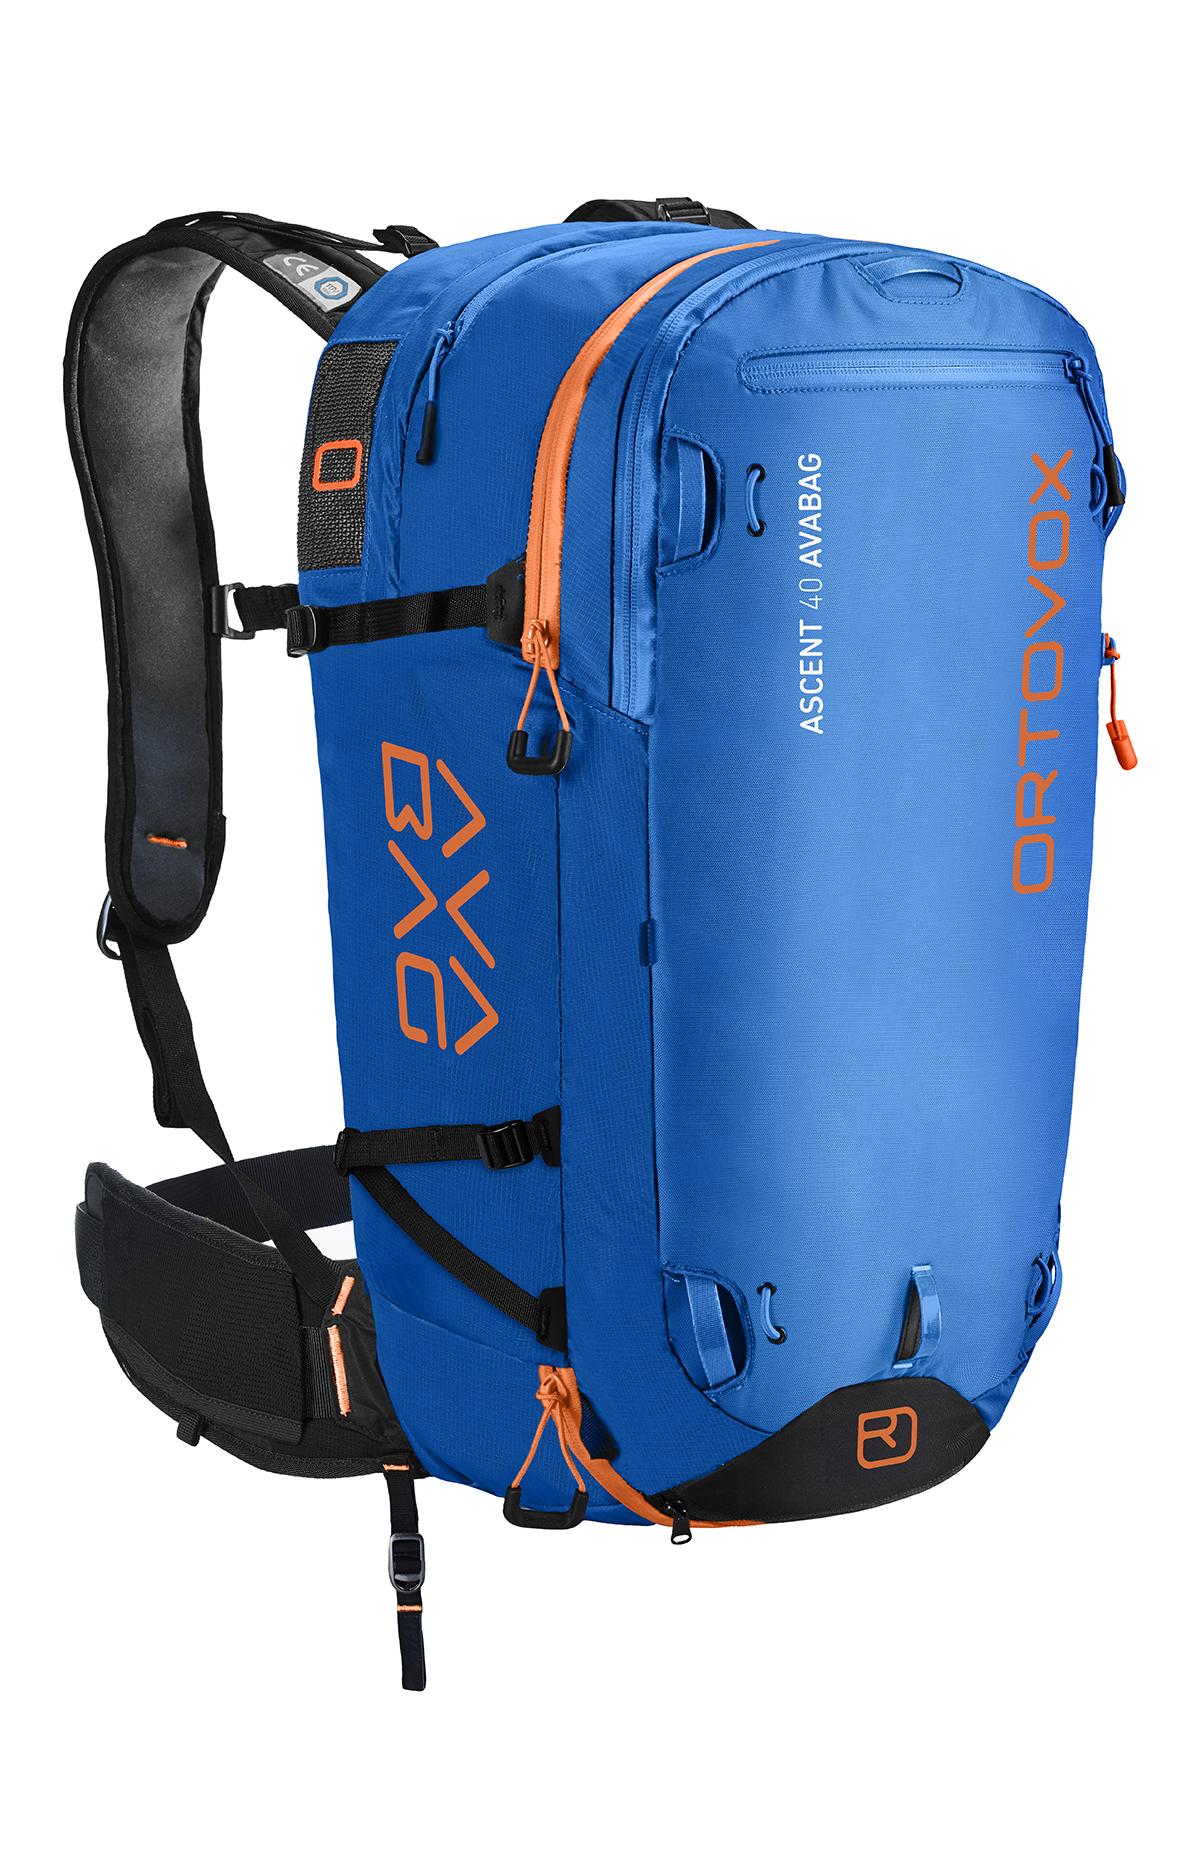 AVABAG-ASCENT-40-46101-safety-blue-MidRes.jpg